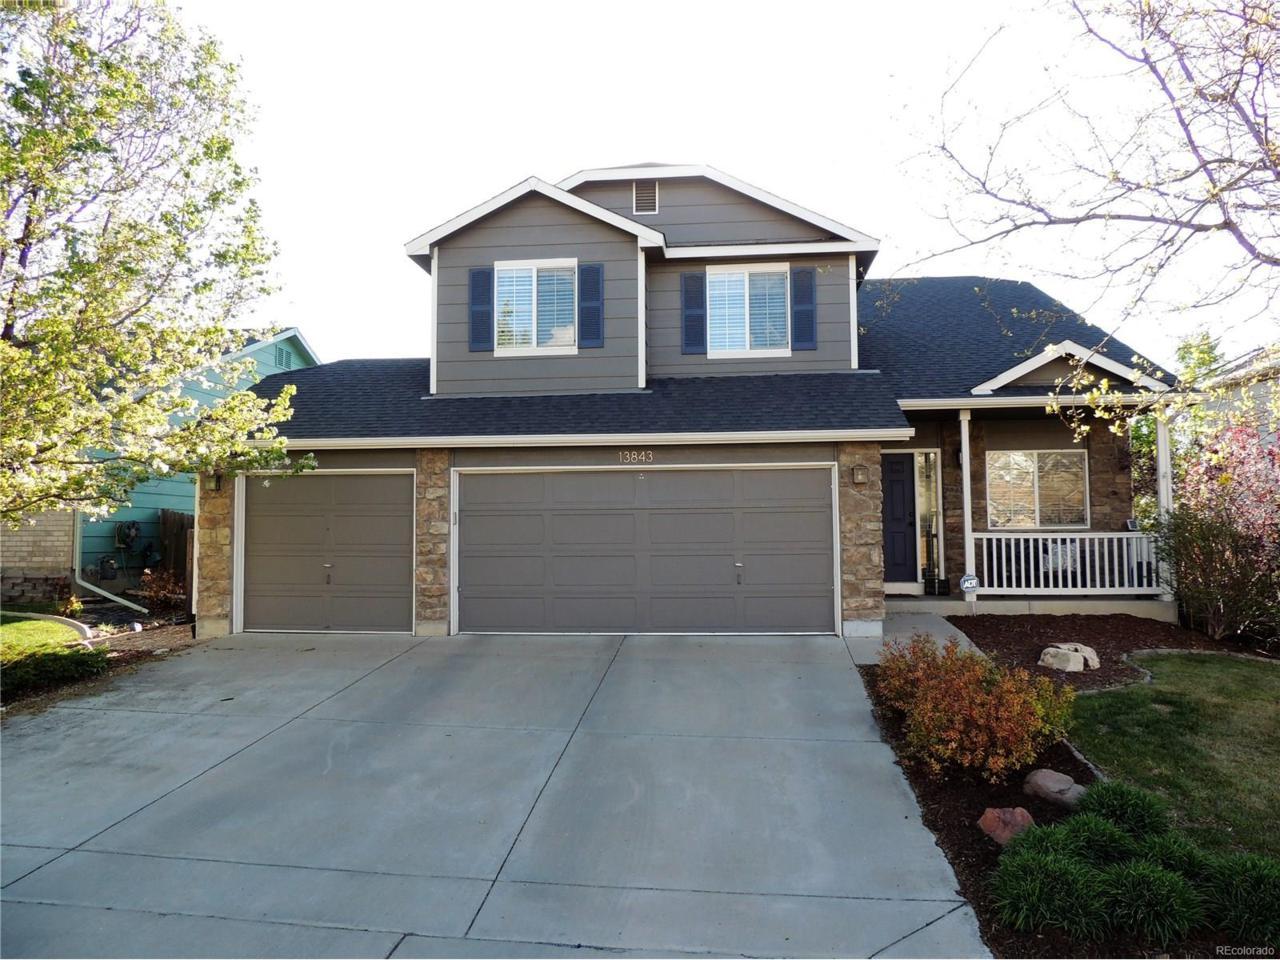 13843 Jackson Street, Thornton, CO 80602 (MLS #5173197) :: 8z Real Estate